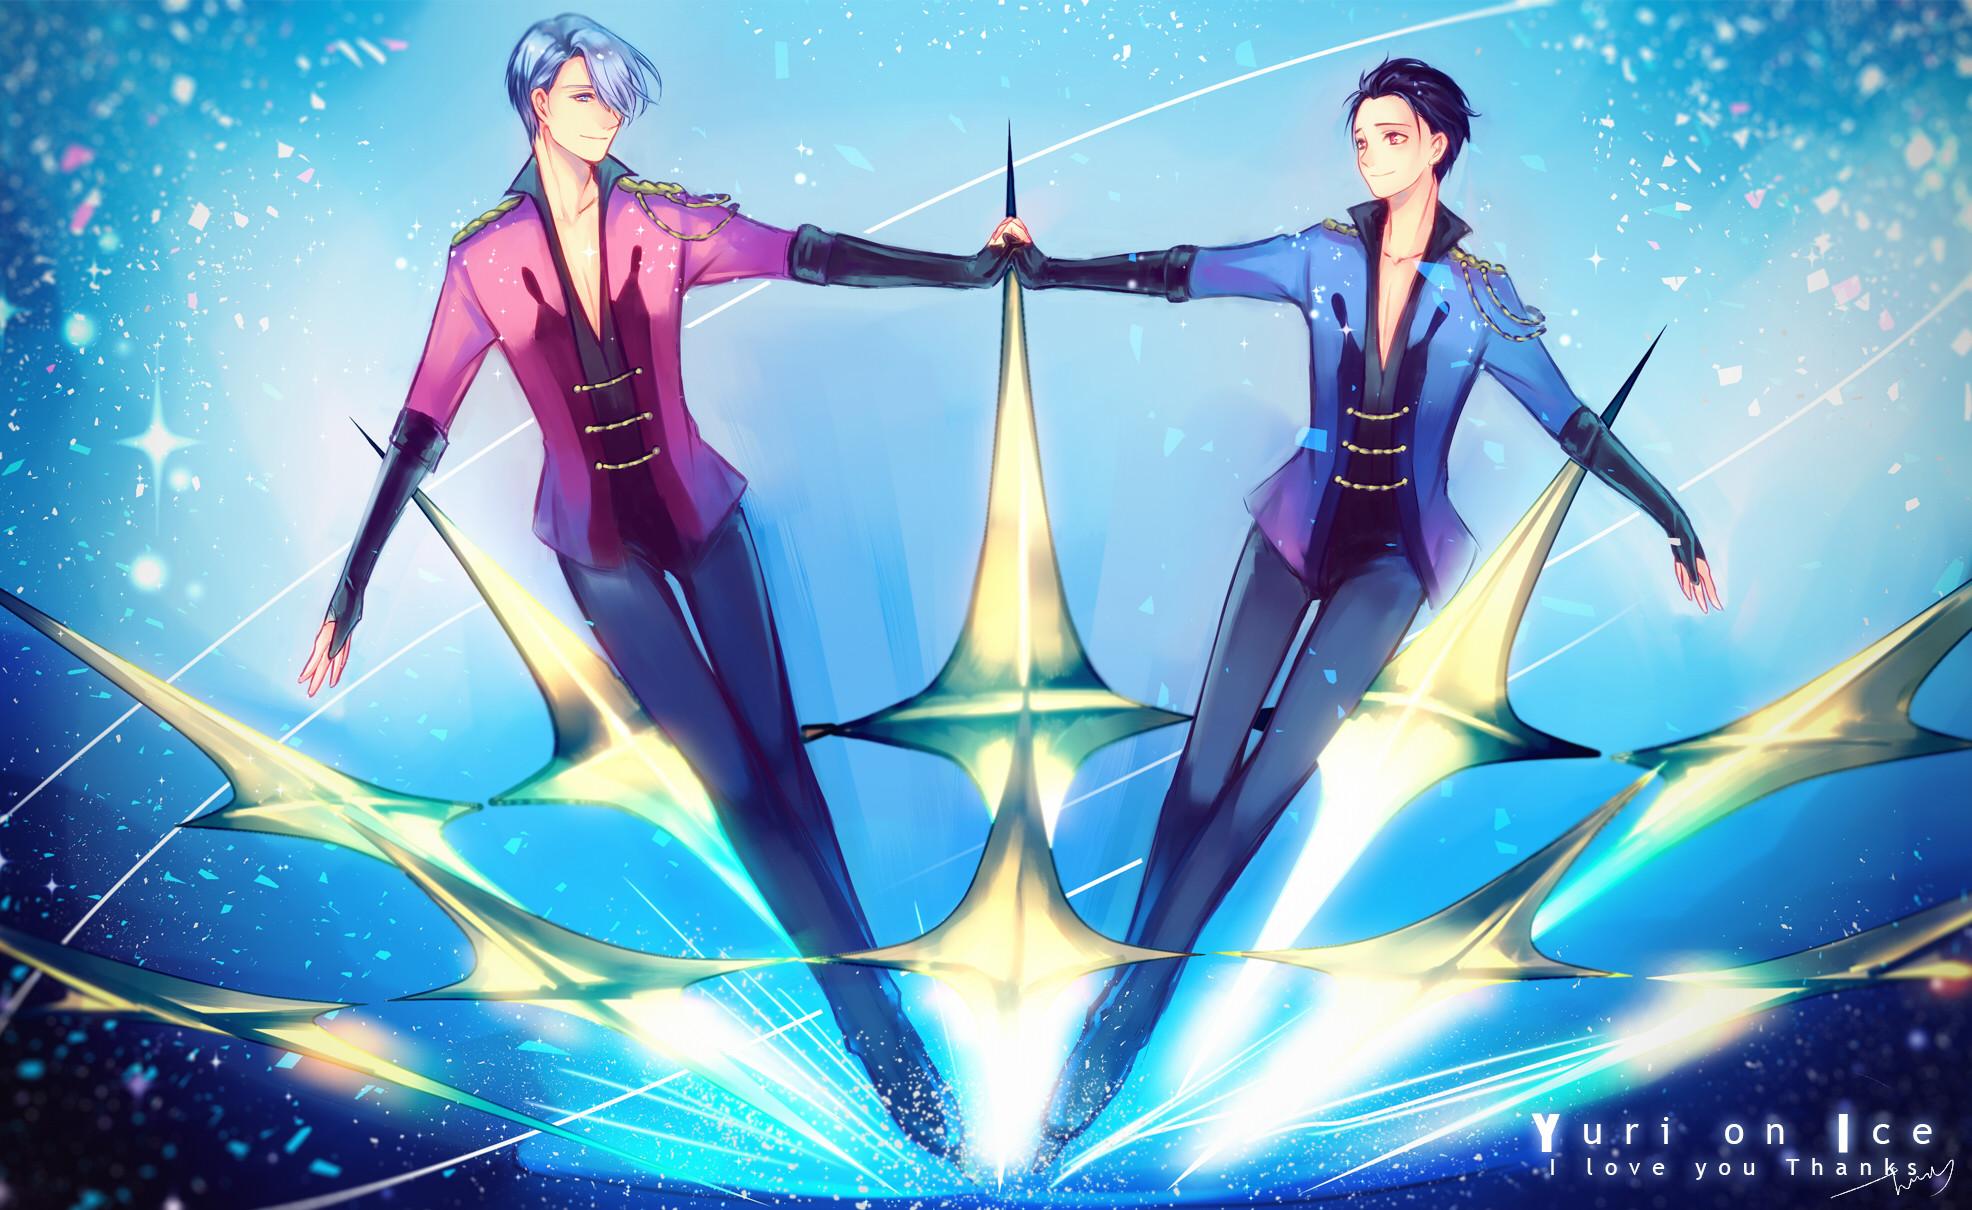 On Ice · download Yuri!!! On Ice image